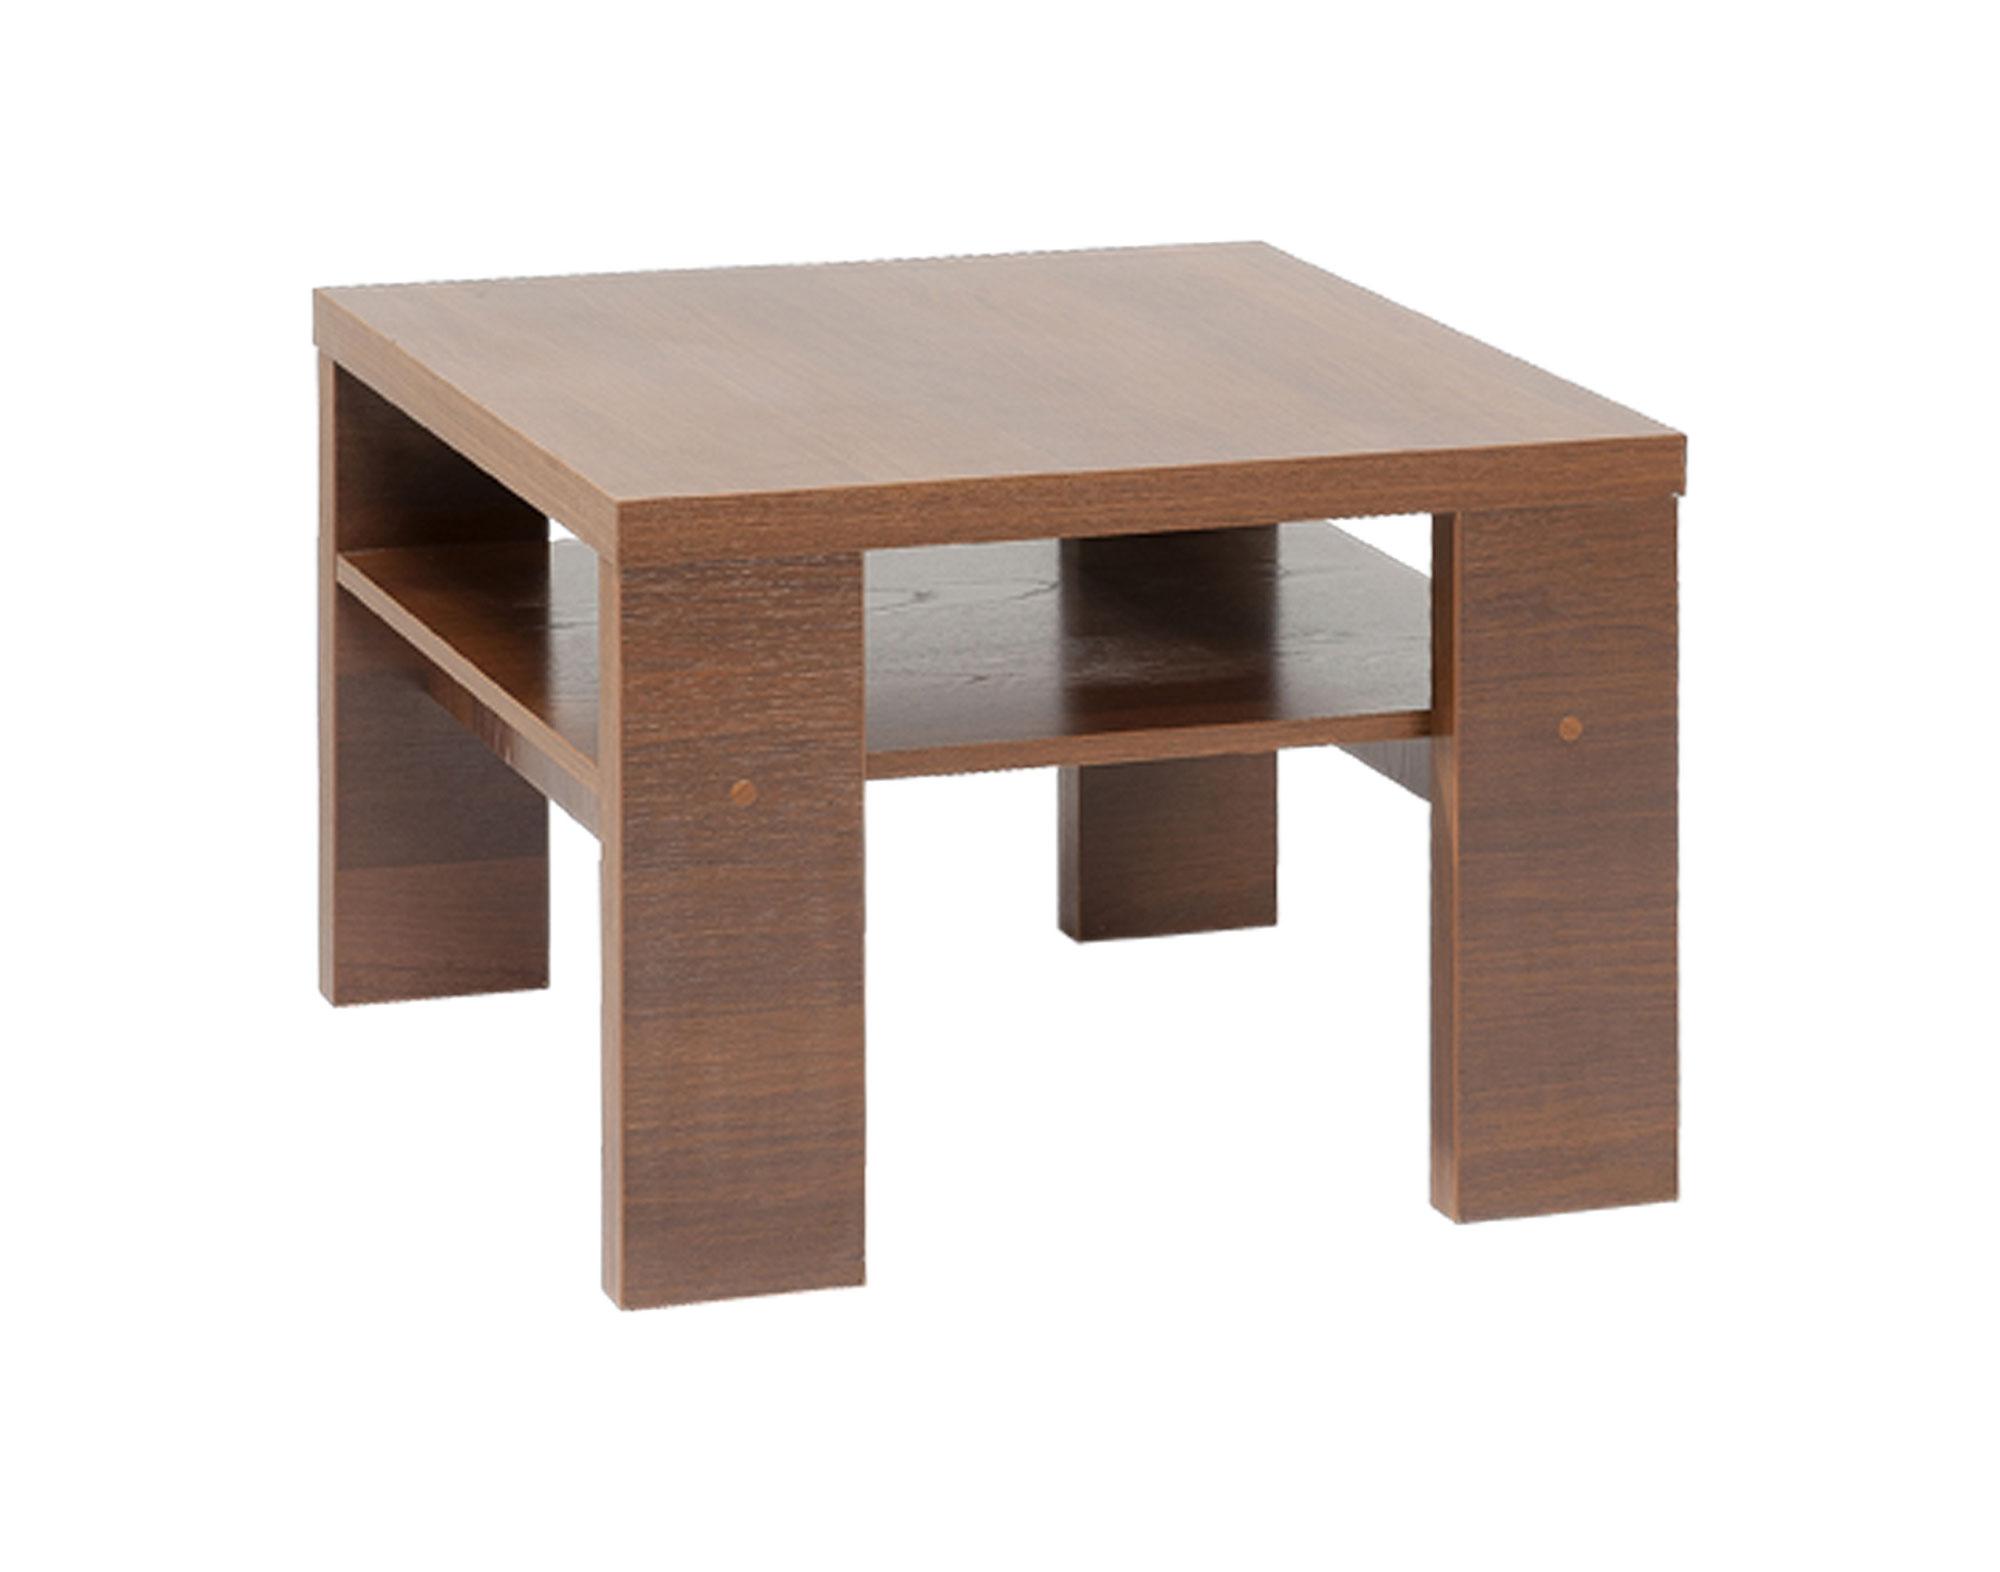 Gisa sohvapöytä, pieni  TV tasot ja sohvapöydät  Tuotteet  Maskun Kalustetalo